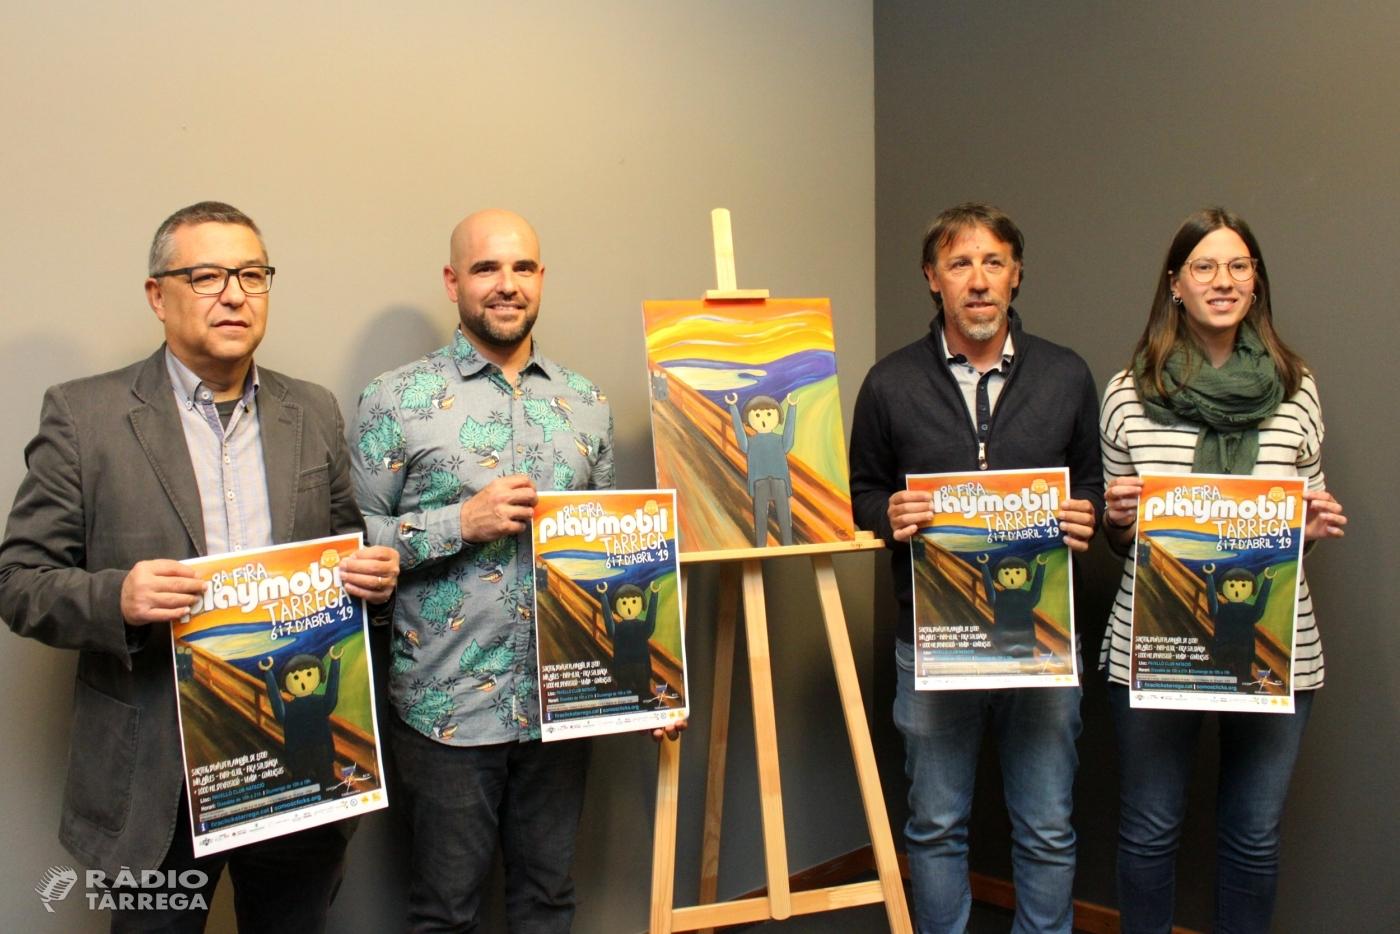 La 8a Fira Playmobil de Tàrrega tindrà el món de l'art com a eix temàtic els dies 6 i 7 d'abril